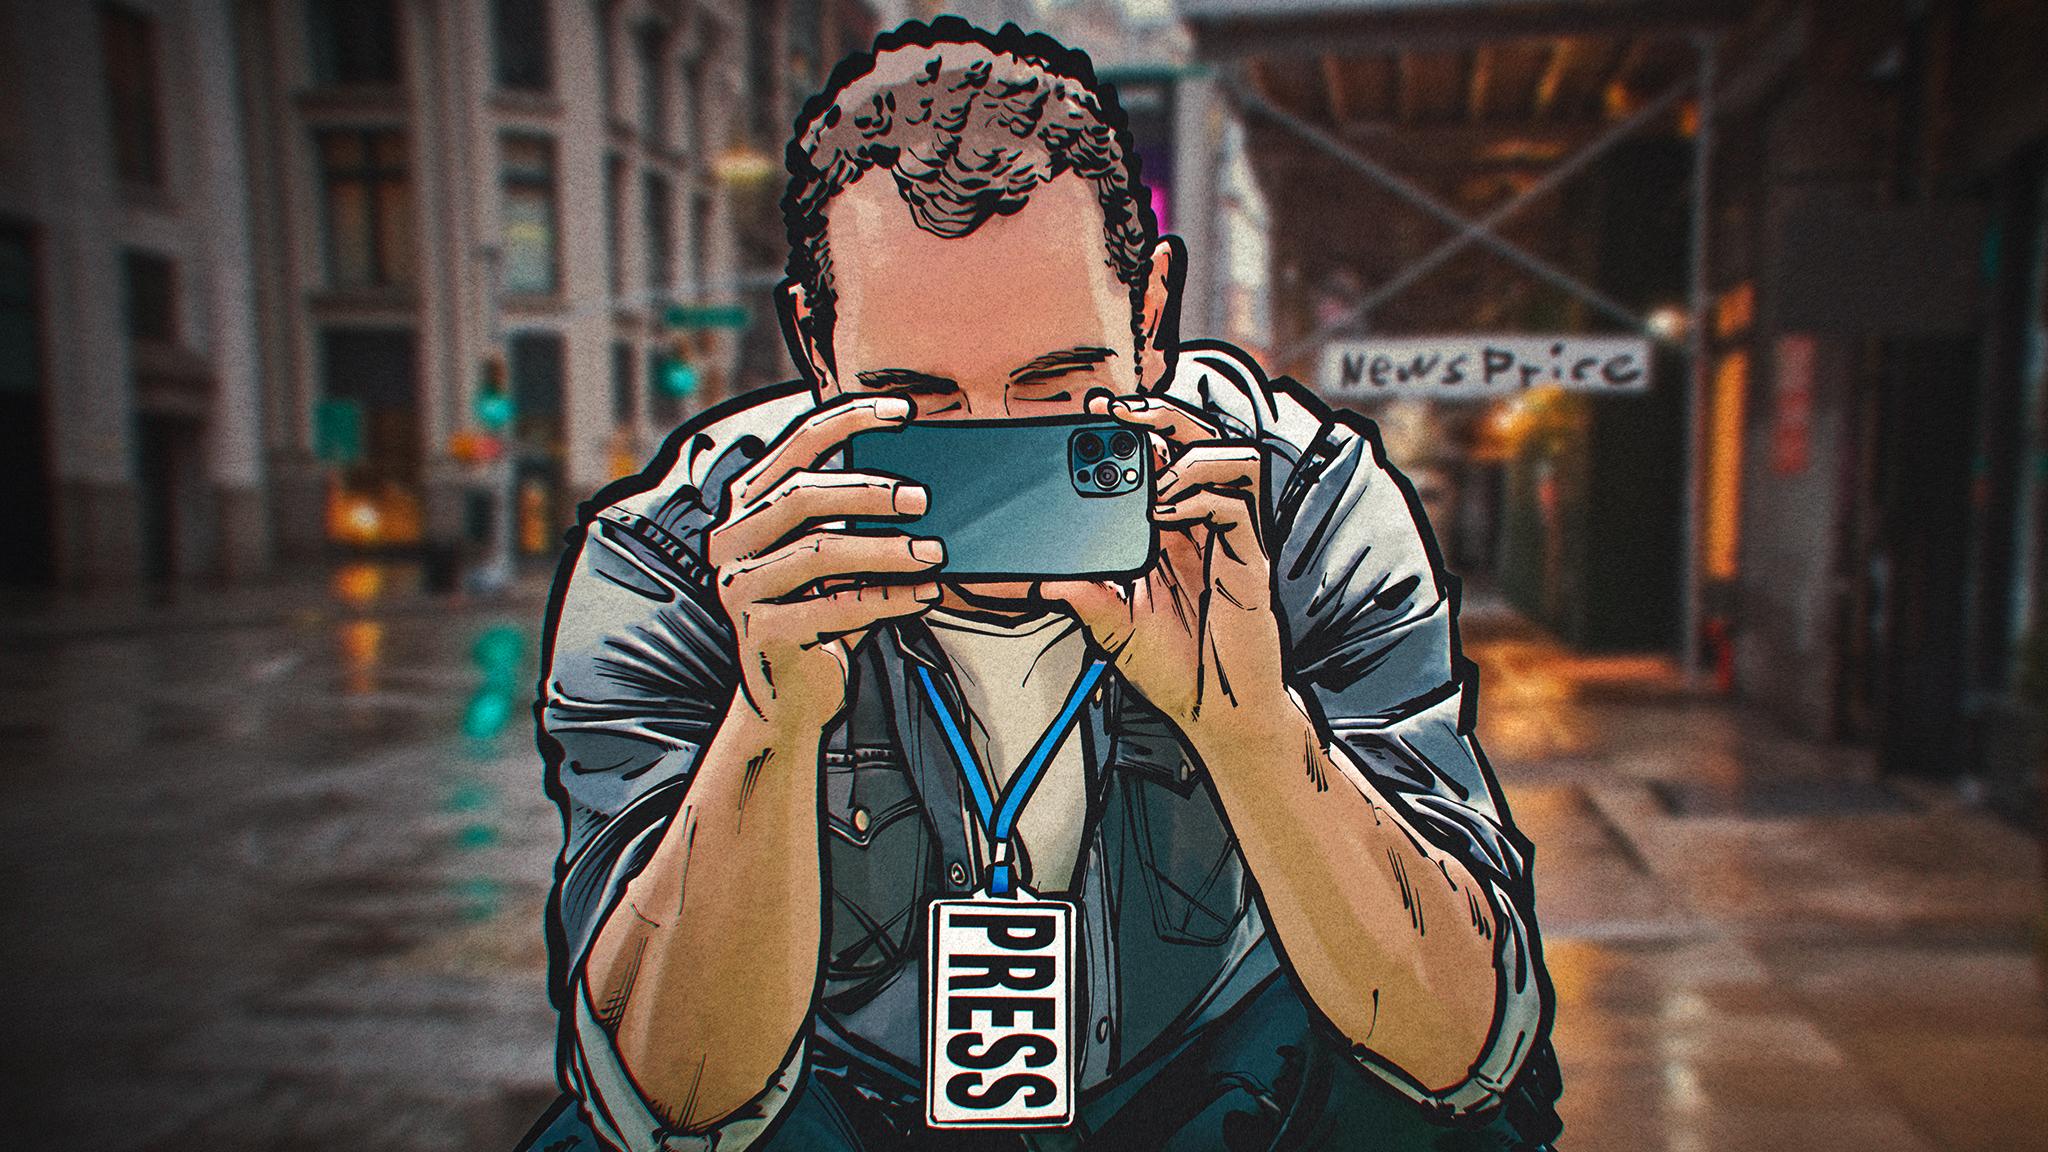 Мобильная журналистика. Превращаем смартфон в мощный инструмент для работы